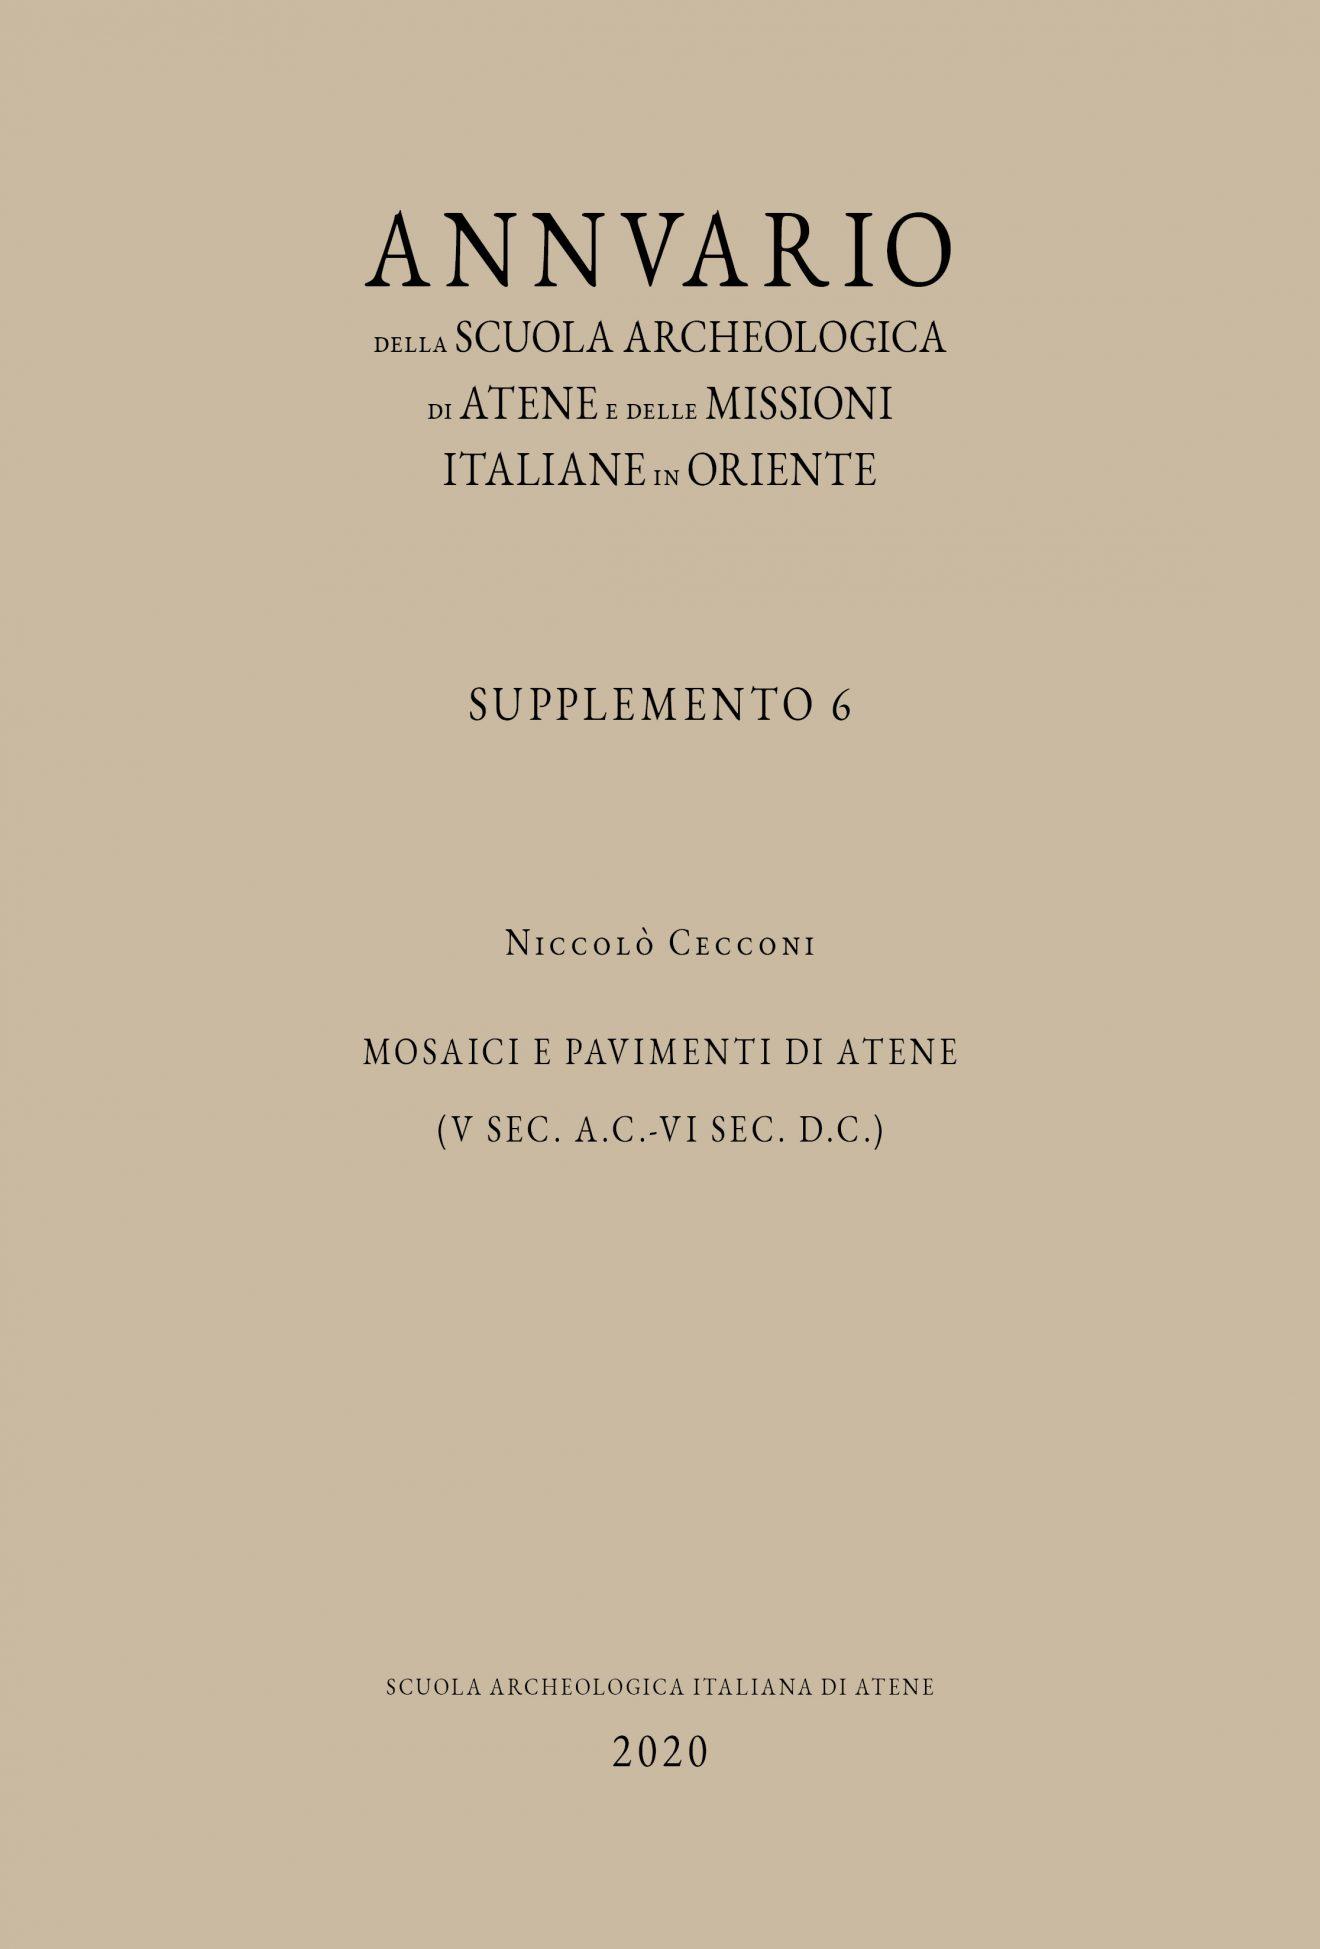 Annuario della Scuola Archeologica di Atene e delle Missioni Italiane in Oriente, Supplemento 6. Mosaici e pavimenti di Atene  (V sec. a.C.-VI sec. d.C.)